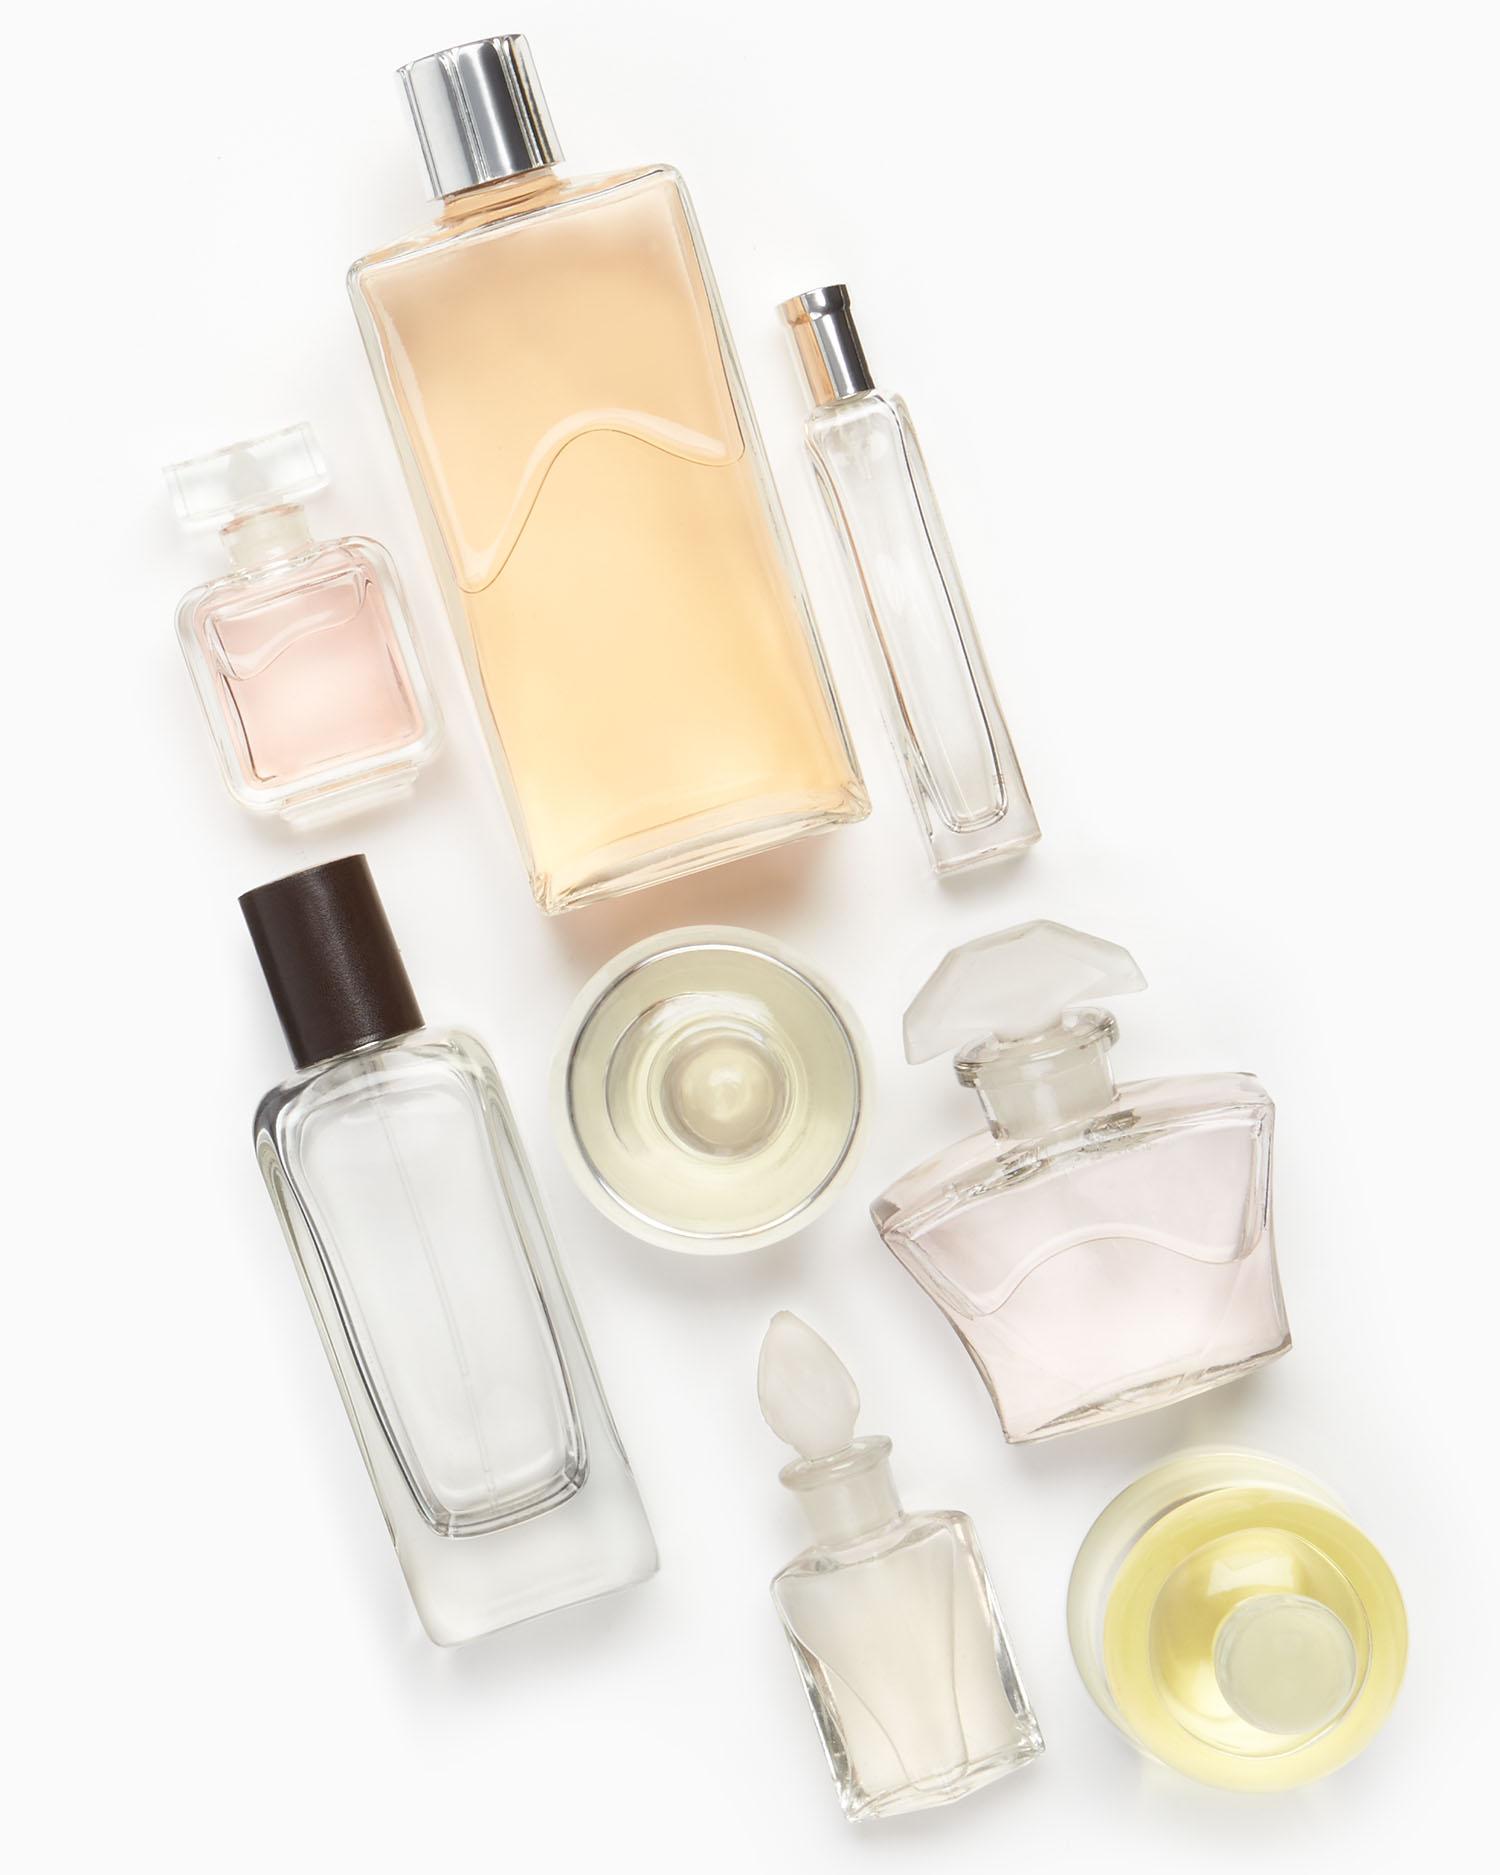 Beauty Brands - Still Life - Day 10338.jpg